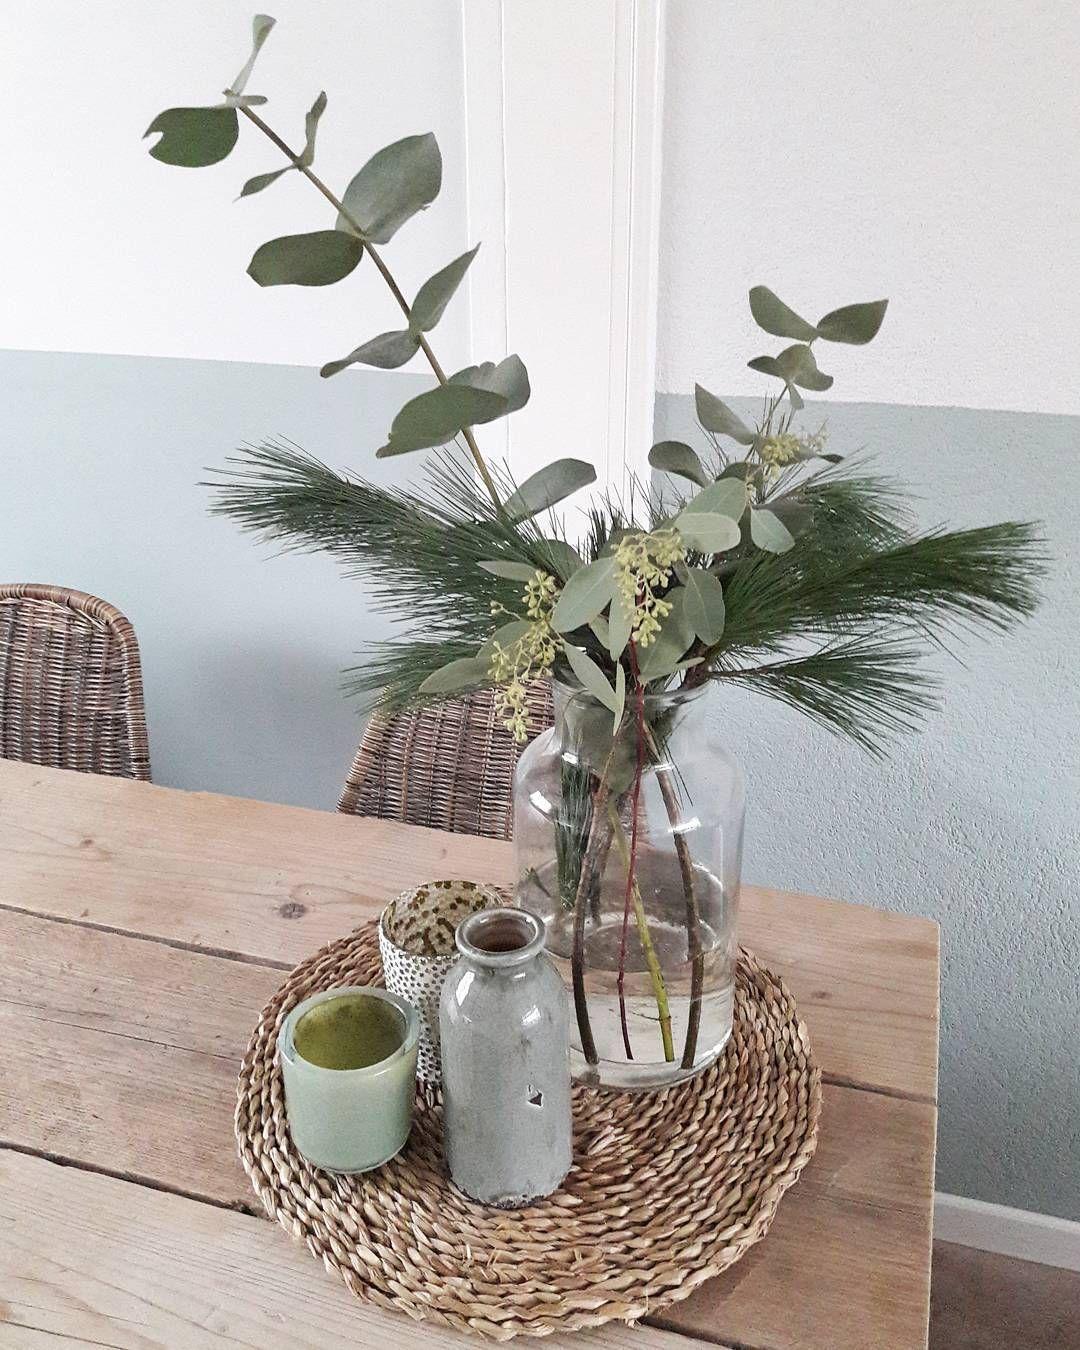 Eucalyptus Pinus Wat Mij Betreft Het Ultieme Kerstgroen Mooi Groengrijs Van Kleur Allebe Huis Ideeen Decoratie Woonkamer Decoratie Eettafel Decoraties